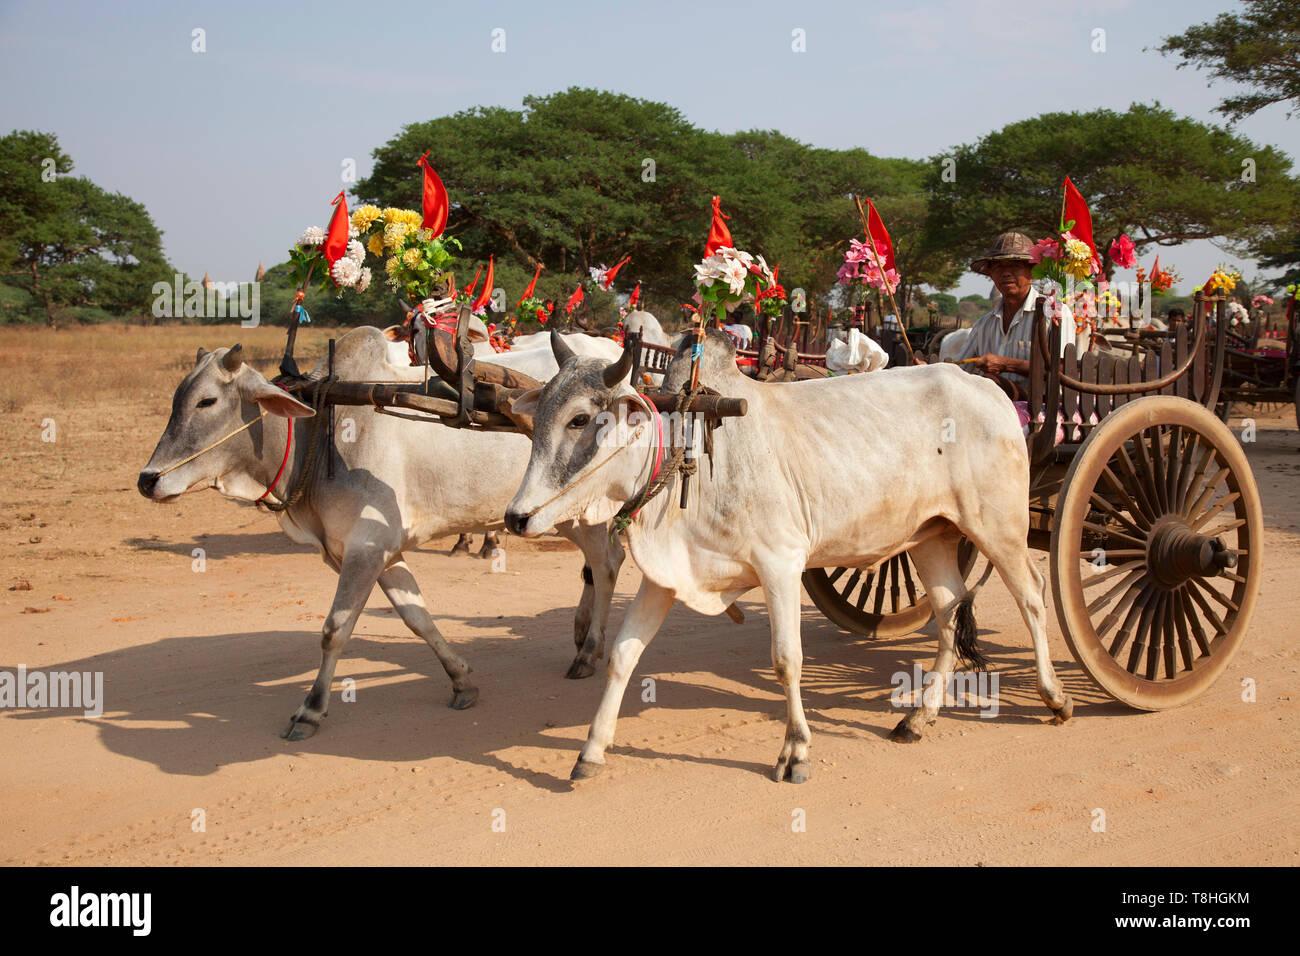 Carrello con buoi festa vestito, Old Bagan Zona villaggio, Mandalay regione, Myanmar, Asia Immagini Stock